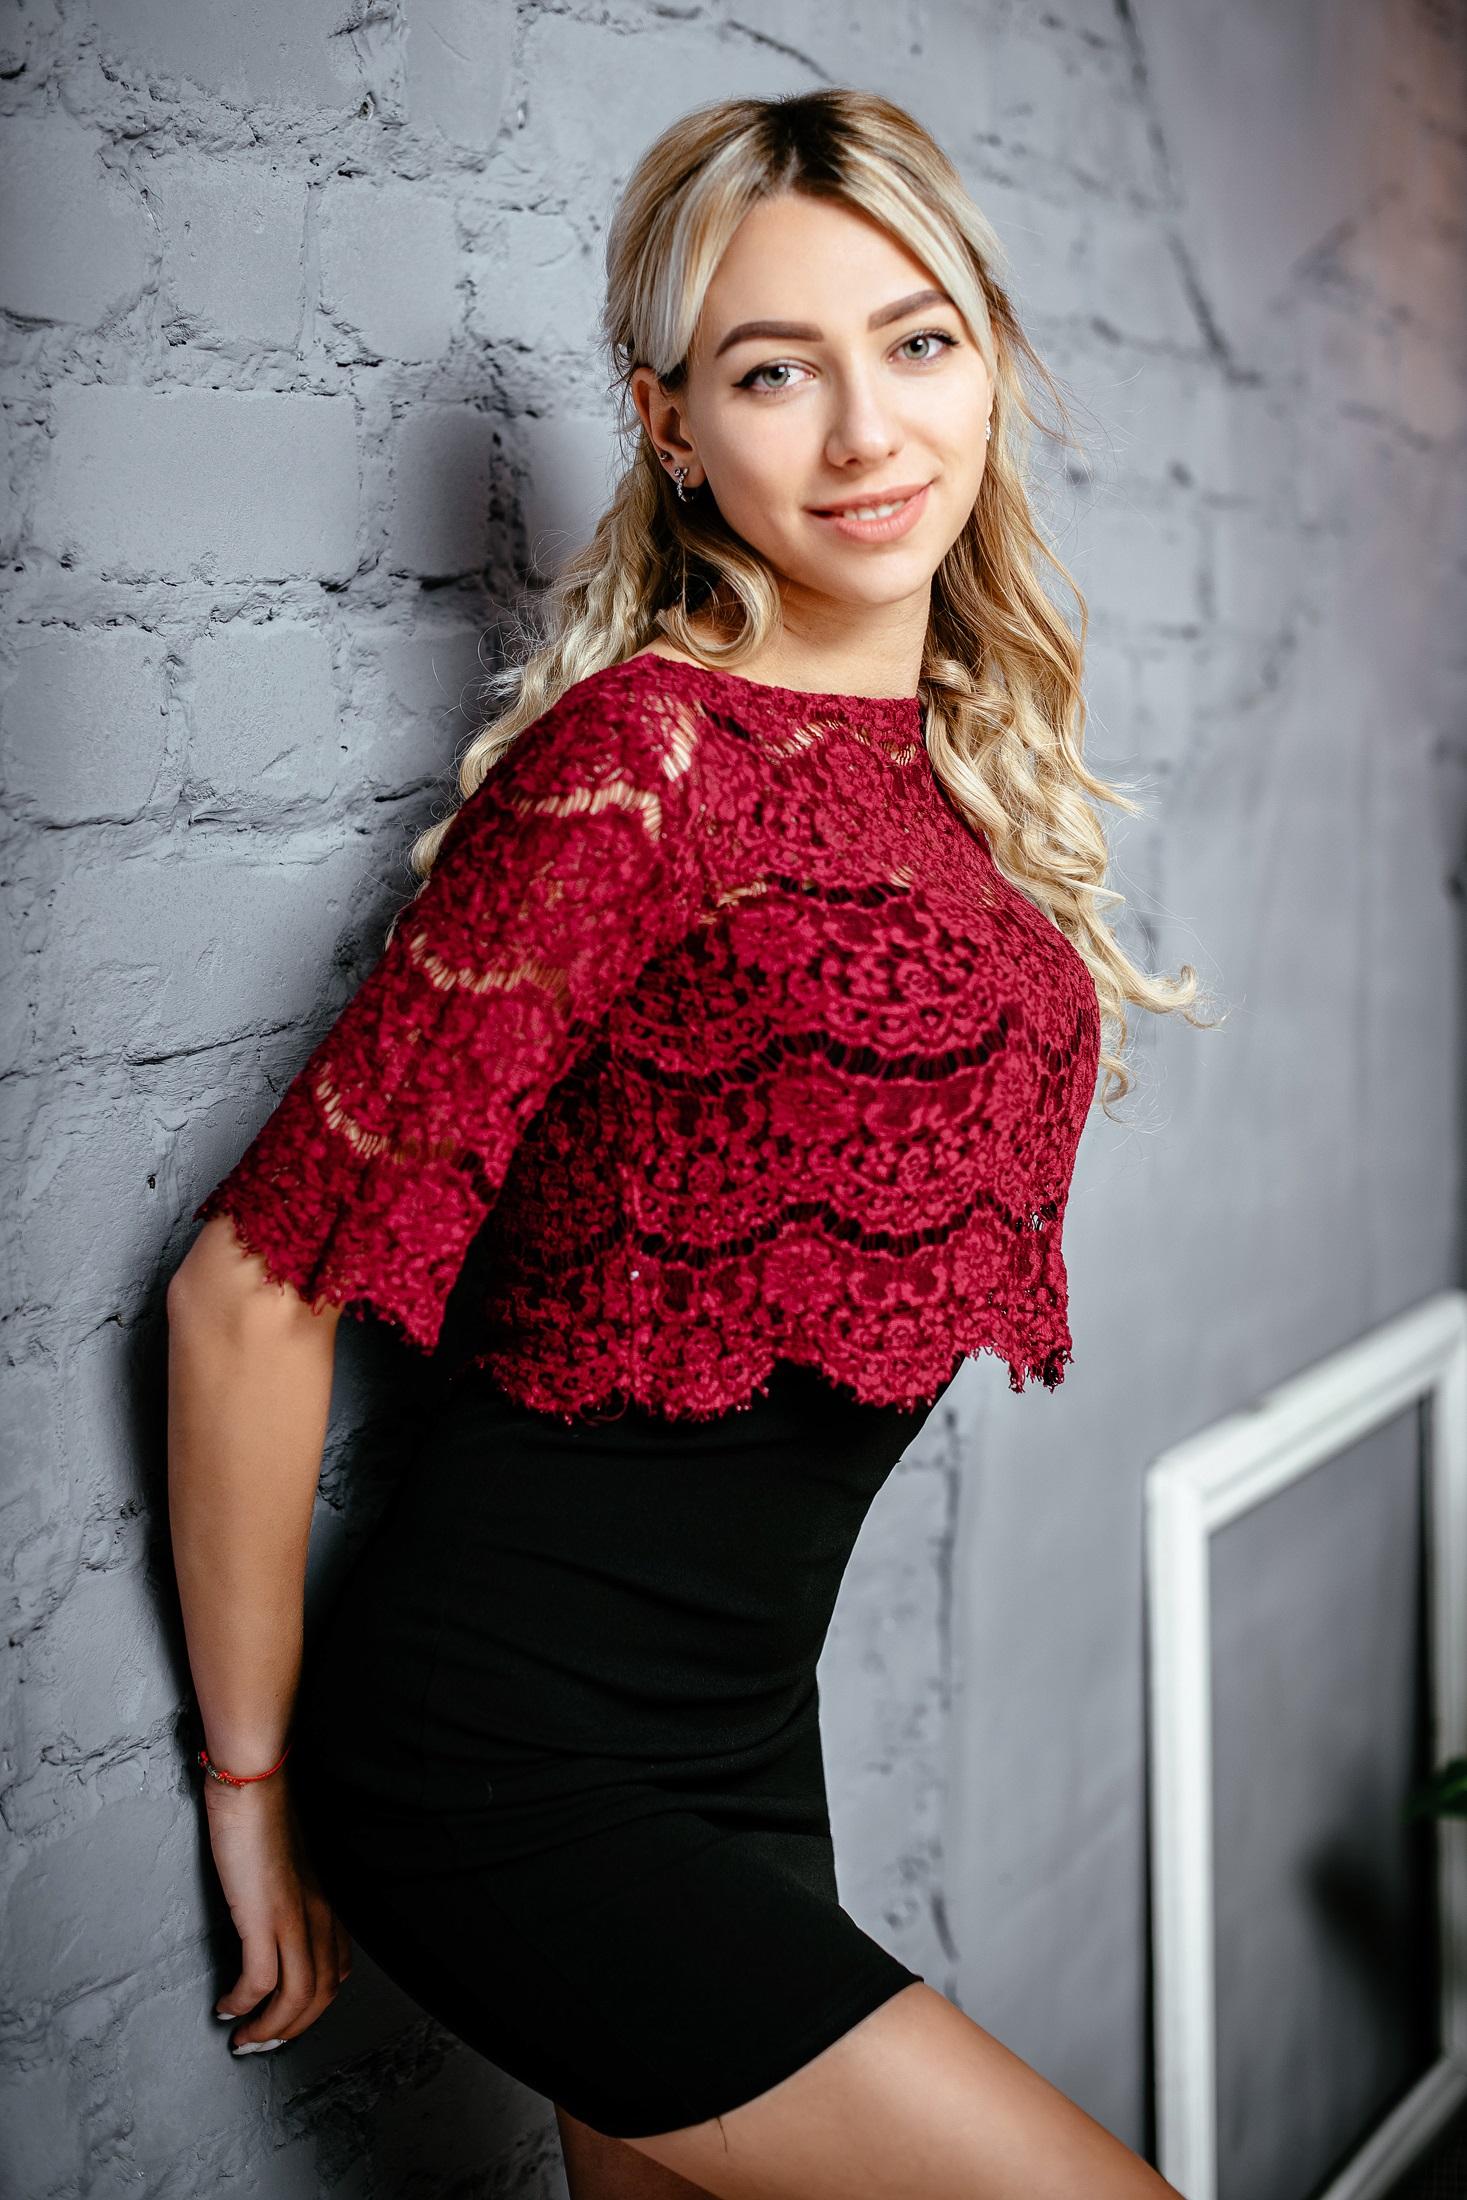 Julia, Ukraine bride for romantic